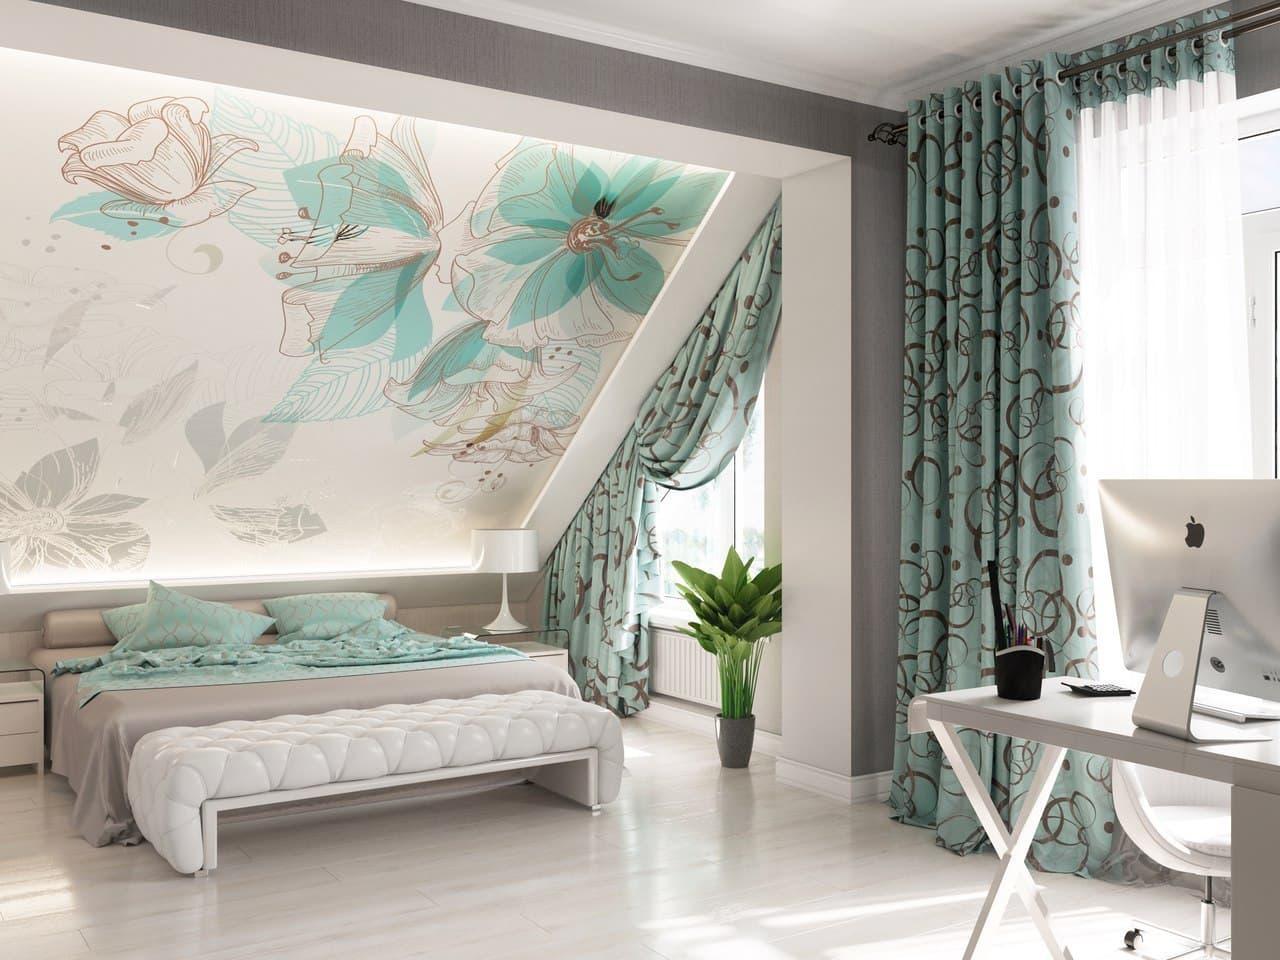 Если обои и шторы хорошо гармонируют, то такой дизайн интерьера можно назвать идеальным